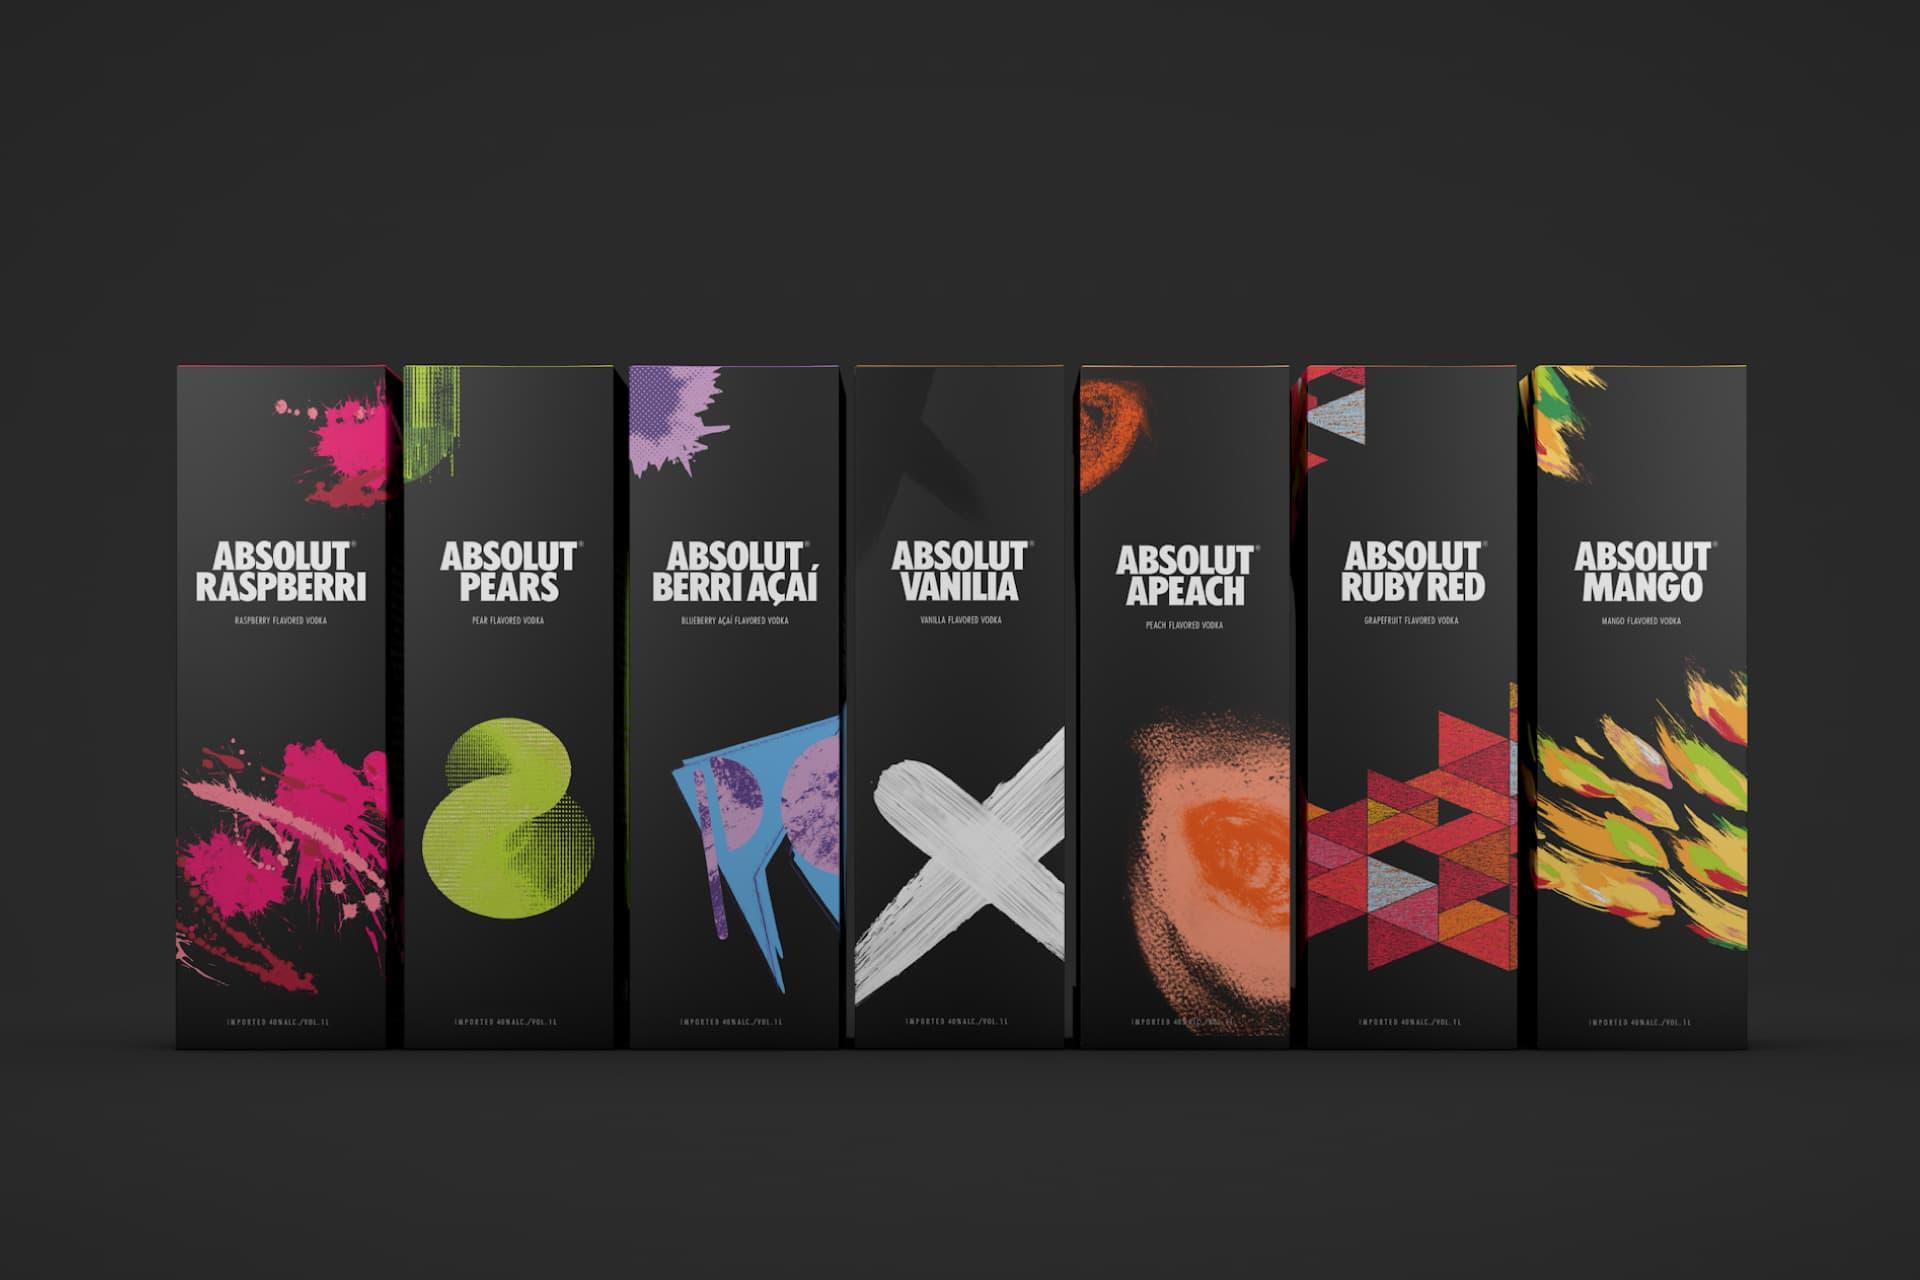 2017 graphic design print design trends eighties design neons absolut vodka packaging design